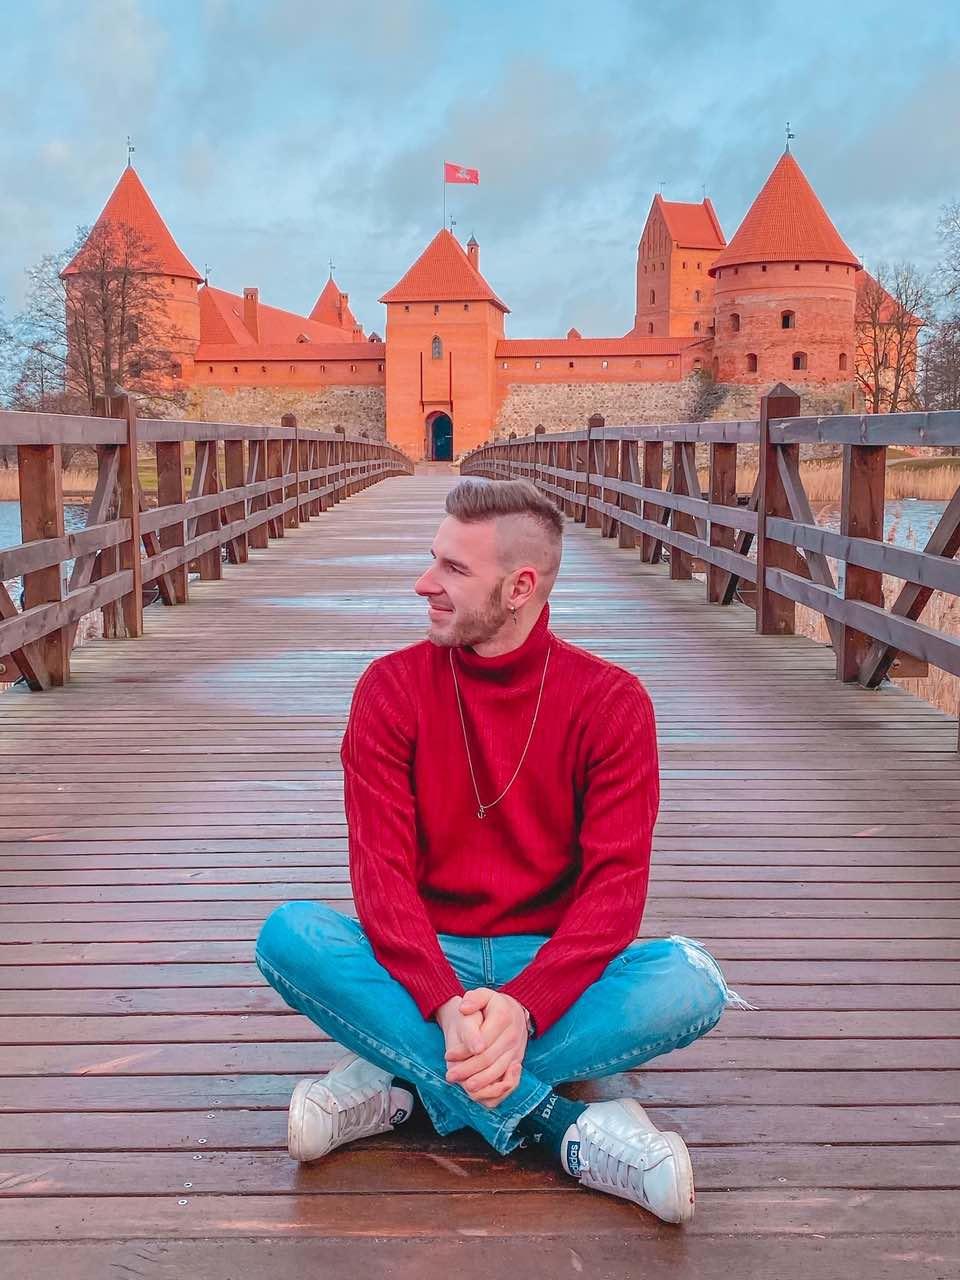 ragazzo sorride seduto sul ponte del bellissimo castello di Trakai in Lituania